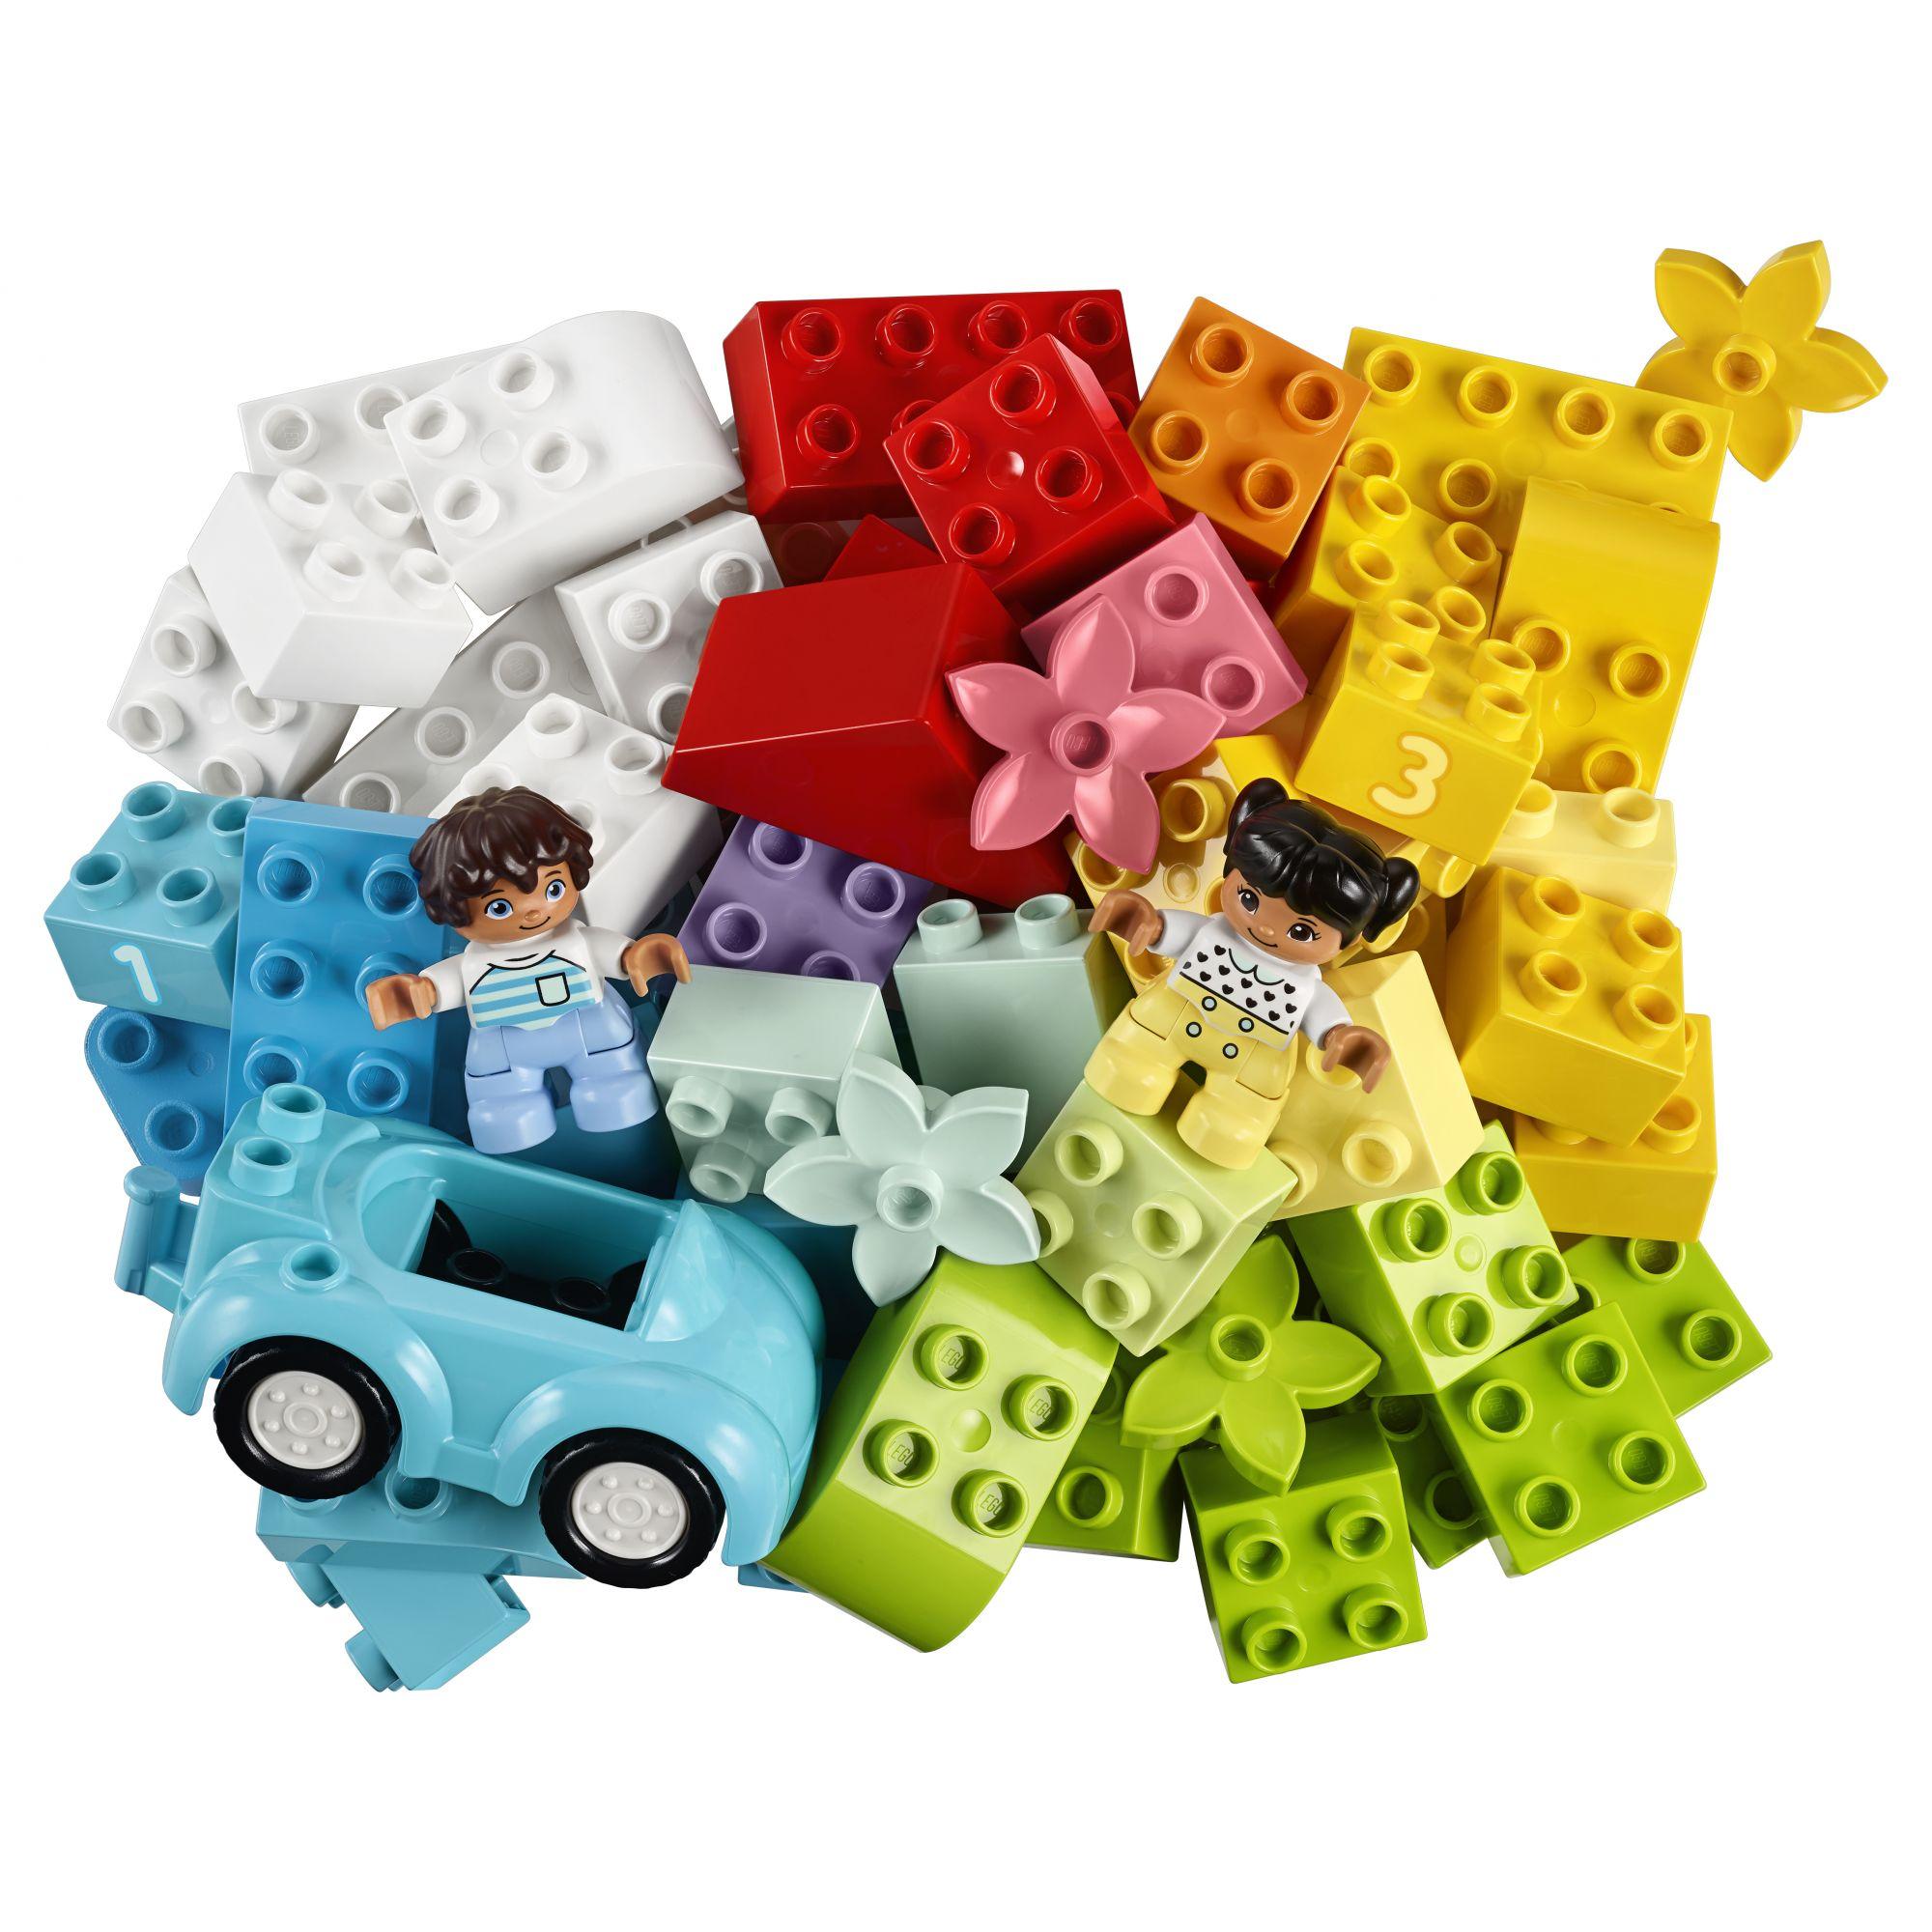 LEGO DUPLO Contenitore di mattoncini - 10913    LEGO DUPLO